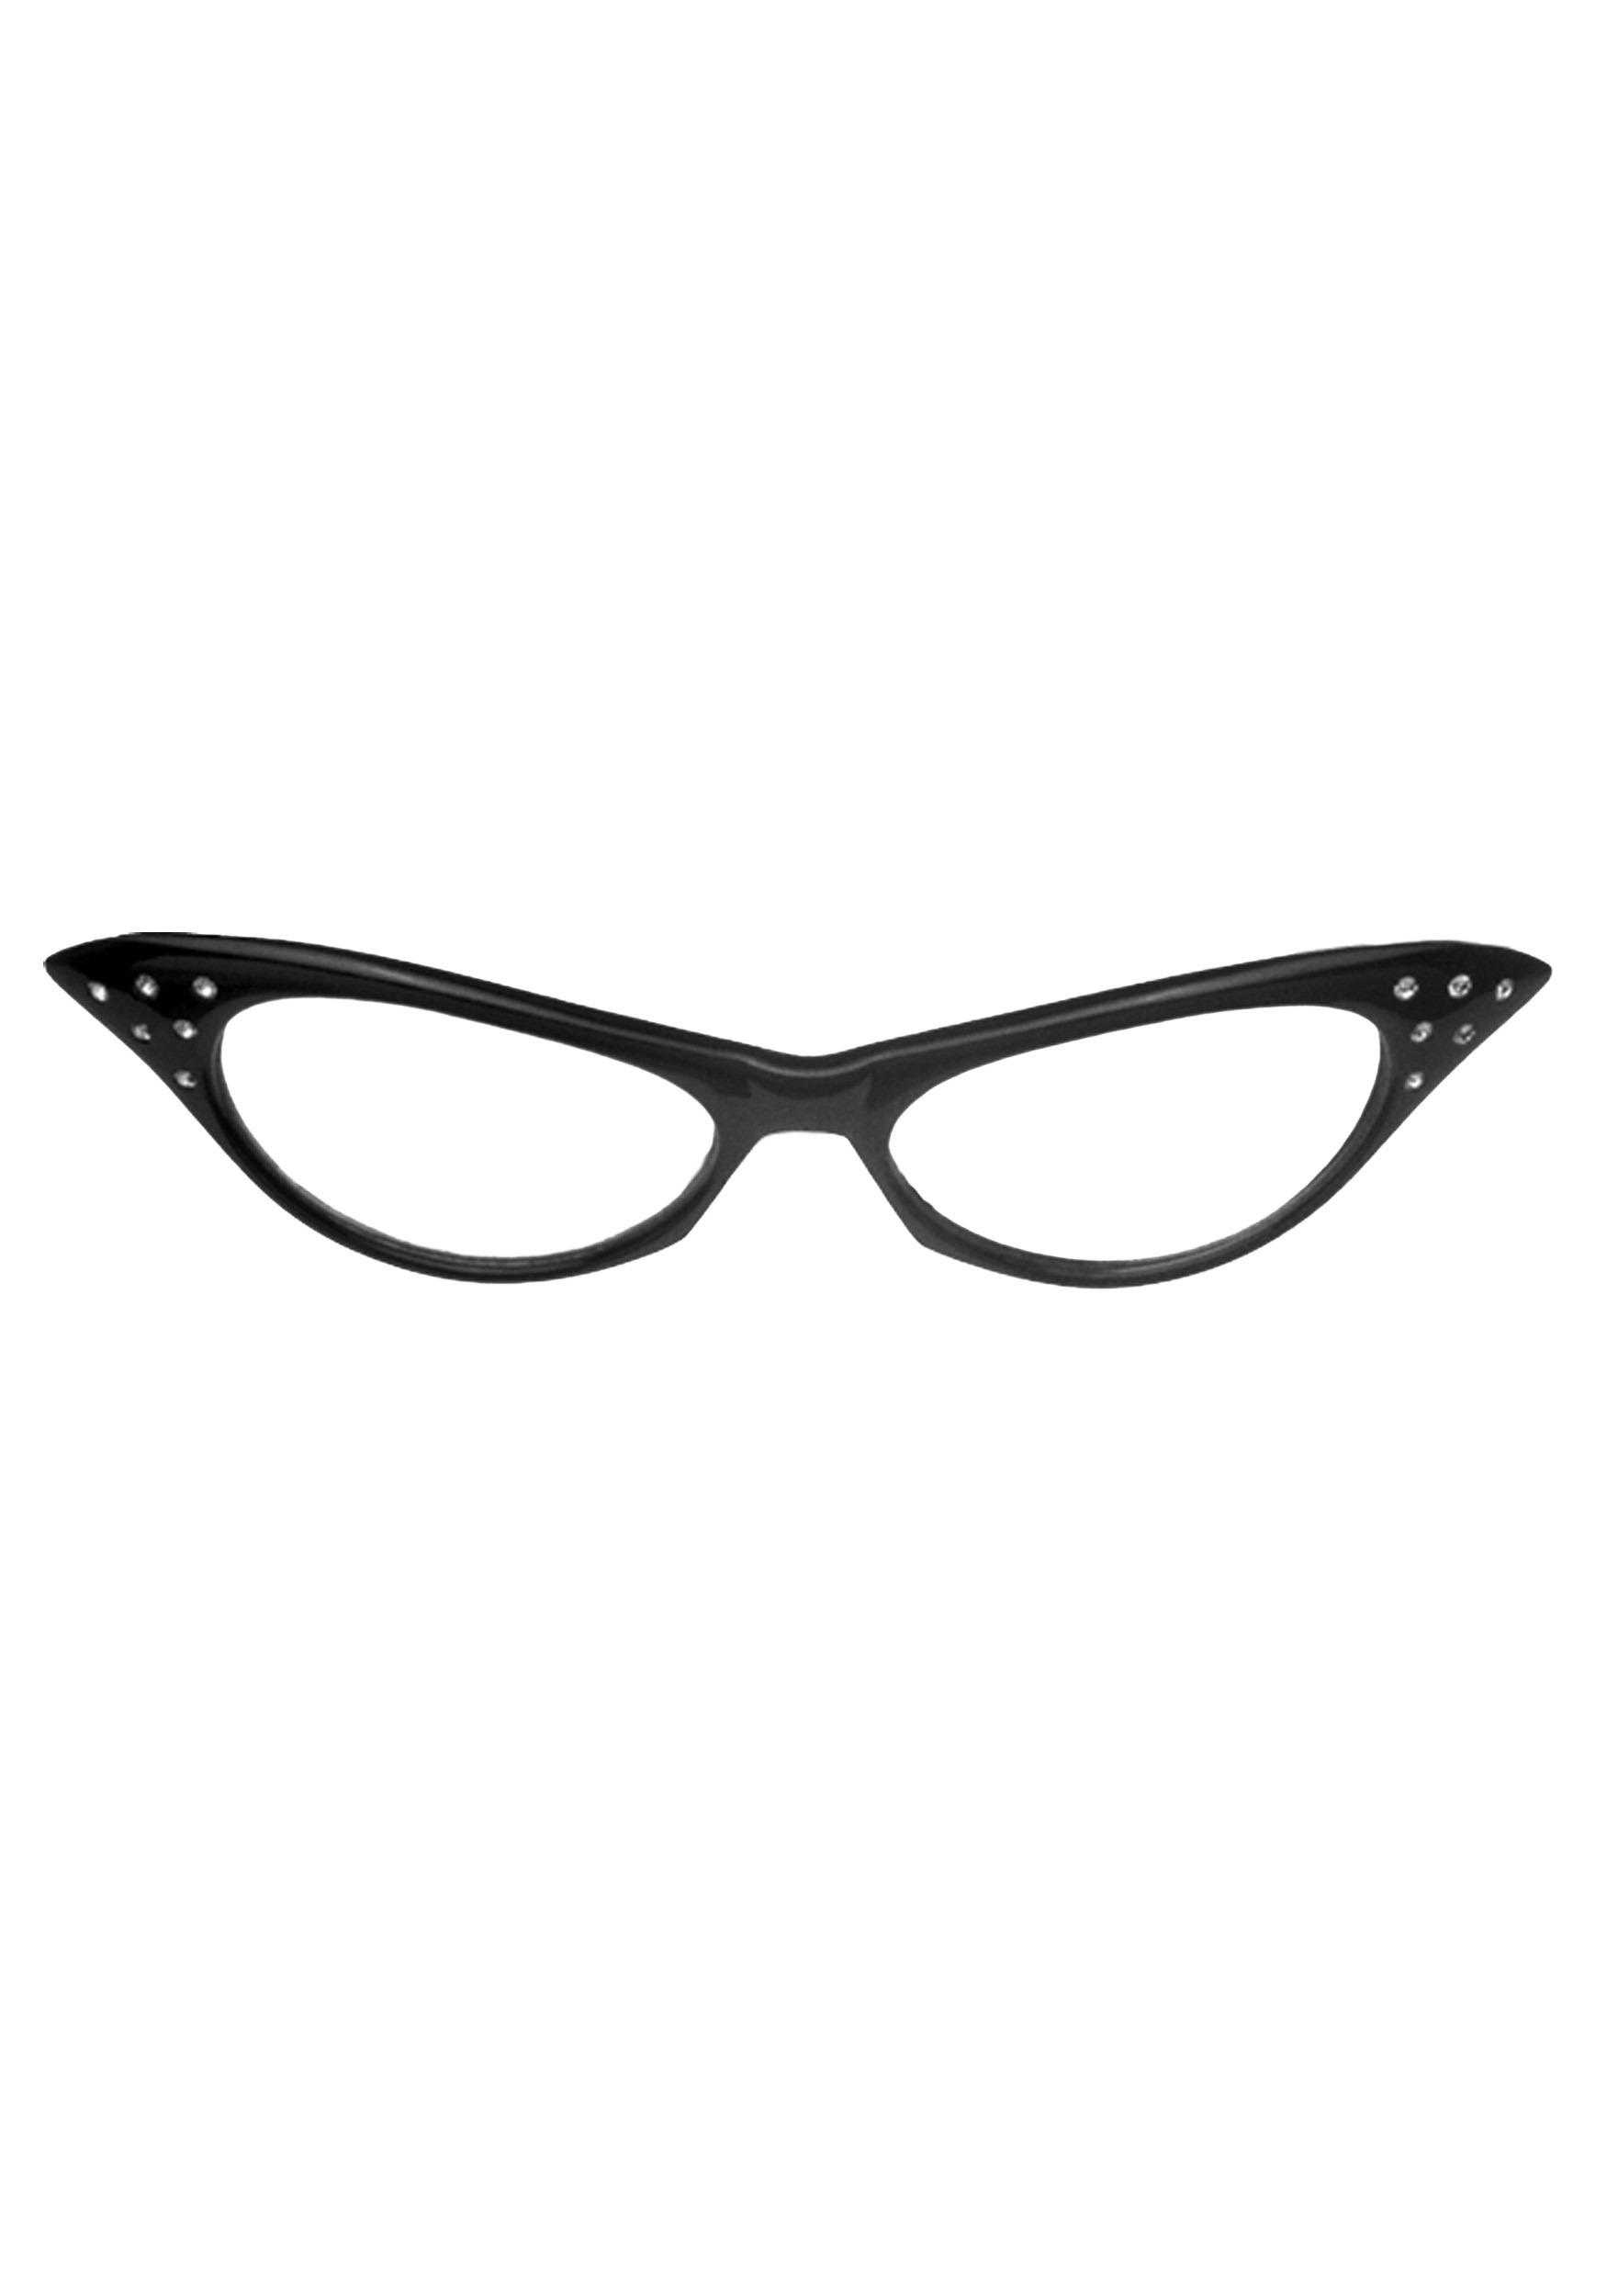 cc9365643fe 50s Black Frame Glasses